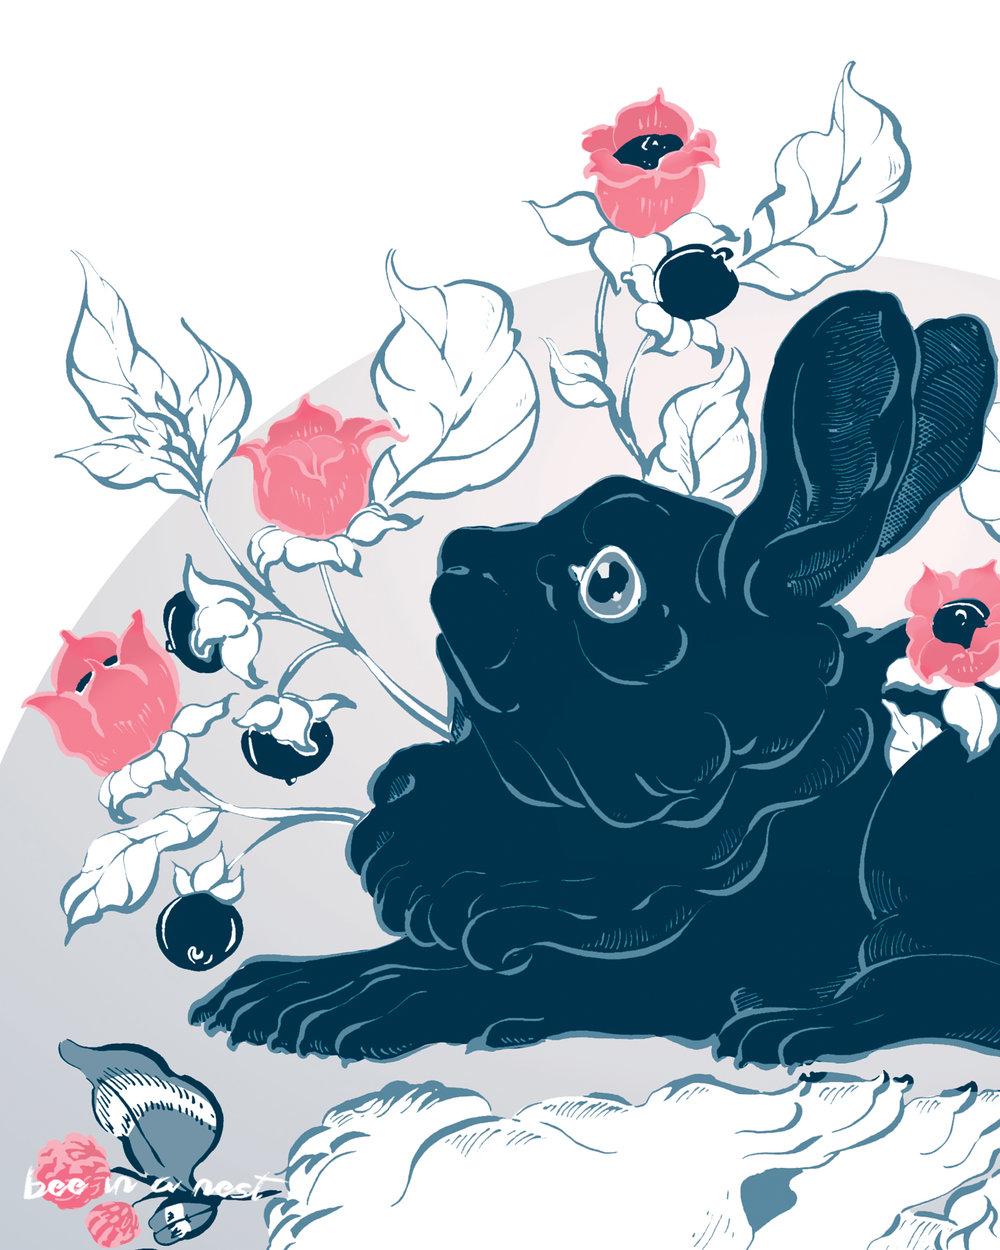 Il coniglio nero - Il coniglio nero e da rappresentante dell'oscurità, della morte e dell'oblio. È incorniciato dalla pianta della Belladonna simbolo della seduzione mortale, del silenzio allusivo a quello della morte.